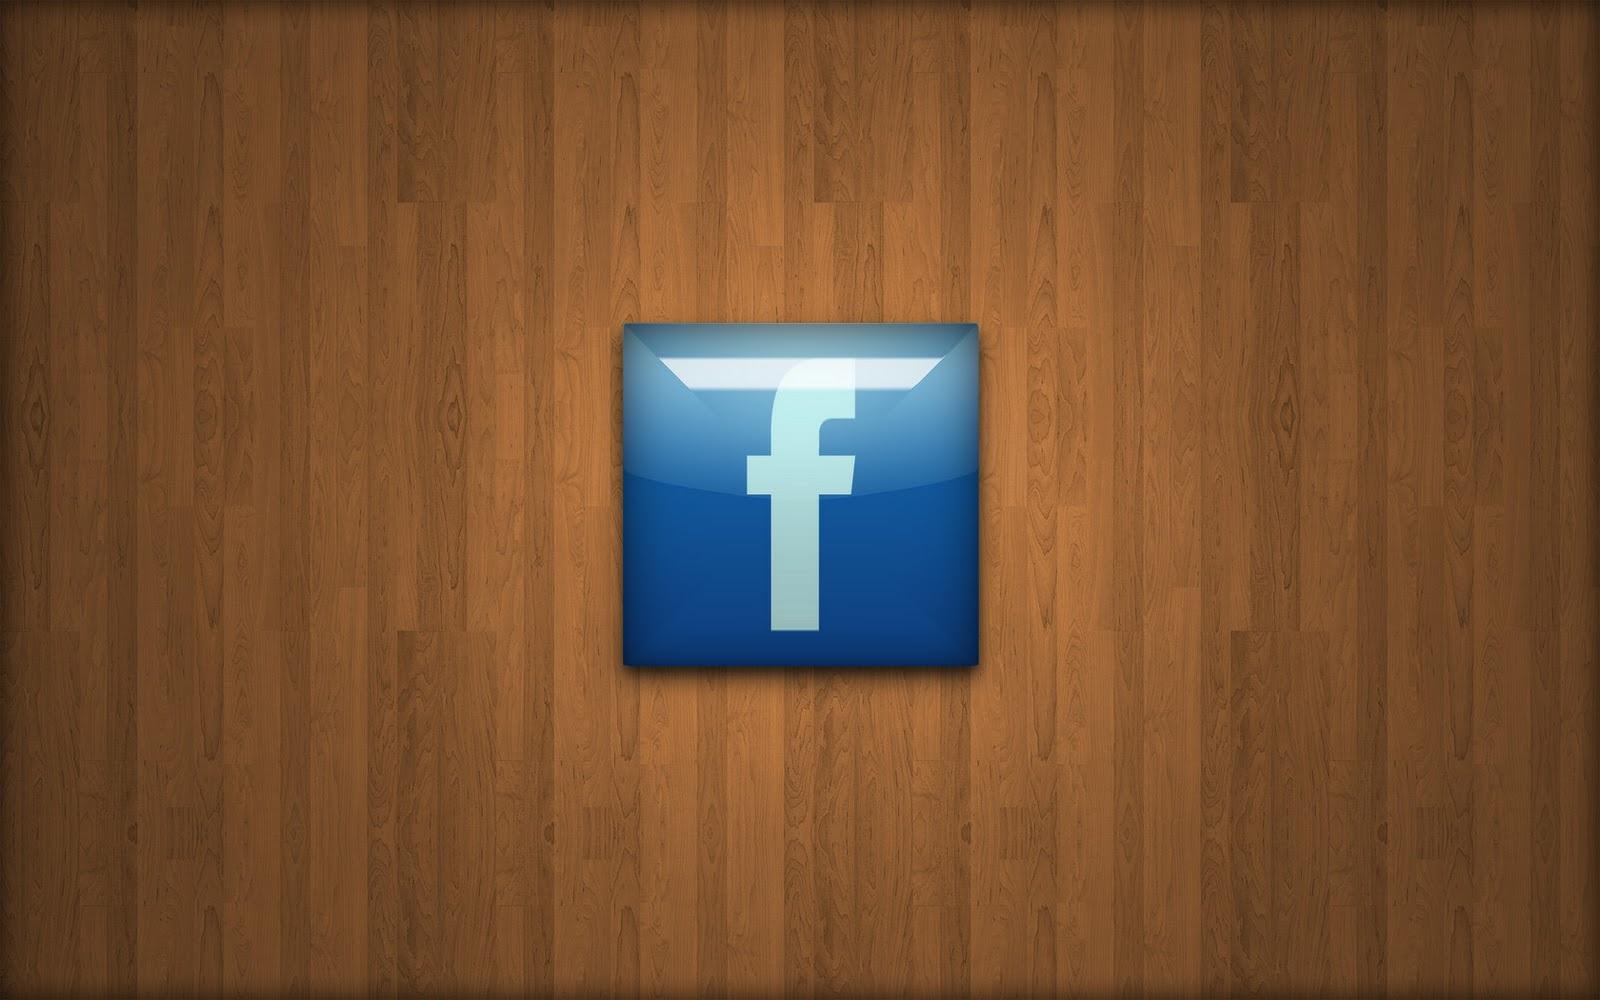 http://4.bp.blogspot.com/-6GVegqQ6iEA/T-KrJhcp35I/AAAAAAAACpw/5y3ystgs5lE/s1600/wallpaper-153951.jpg